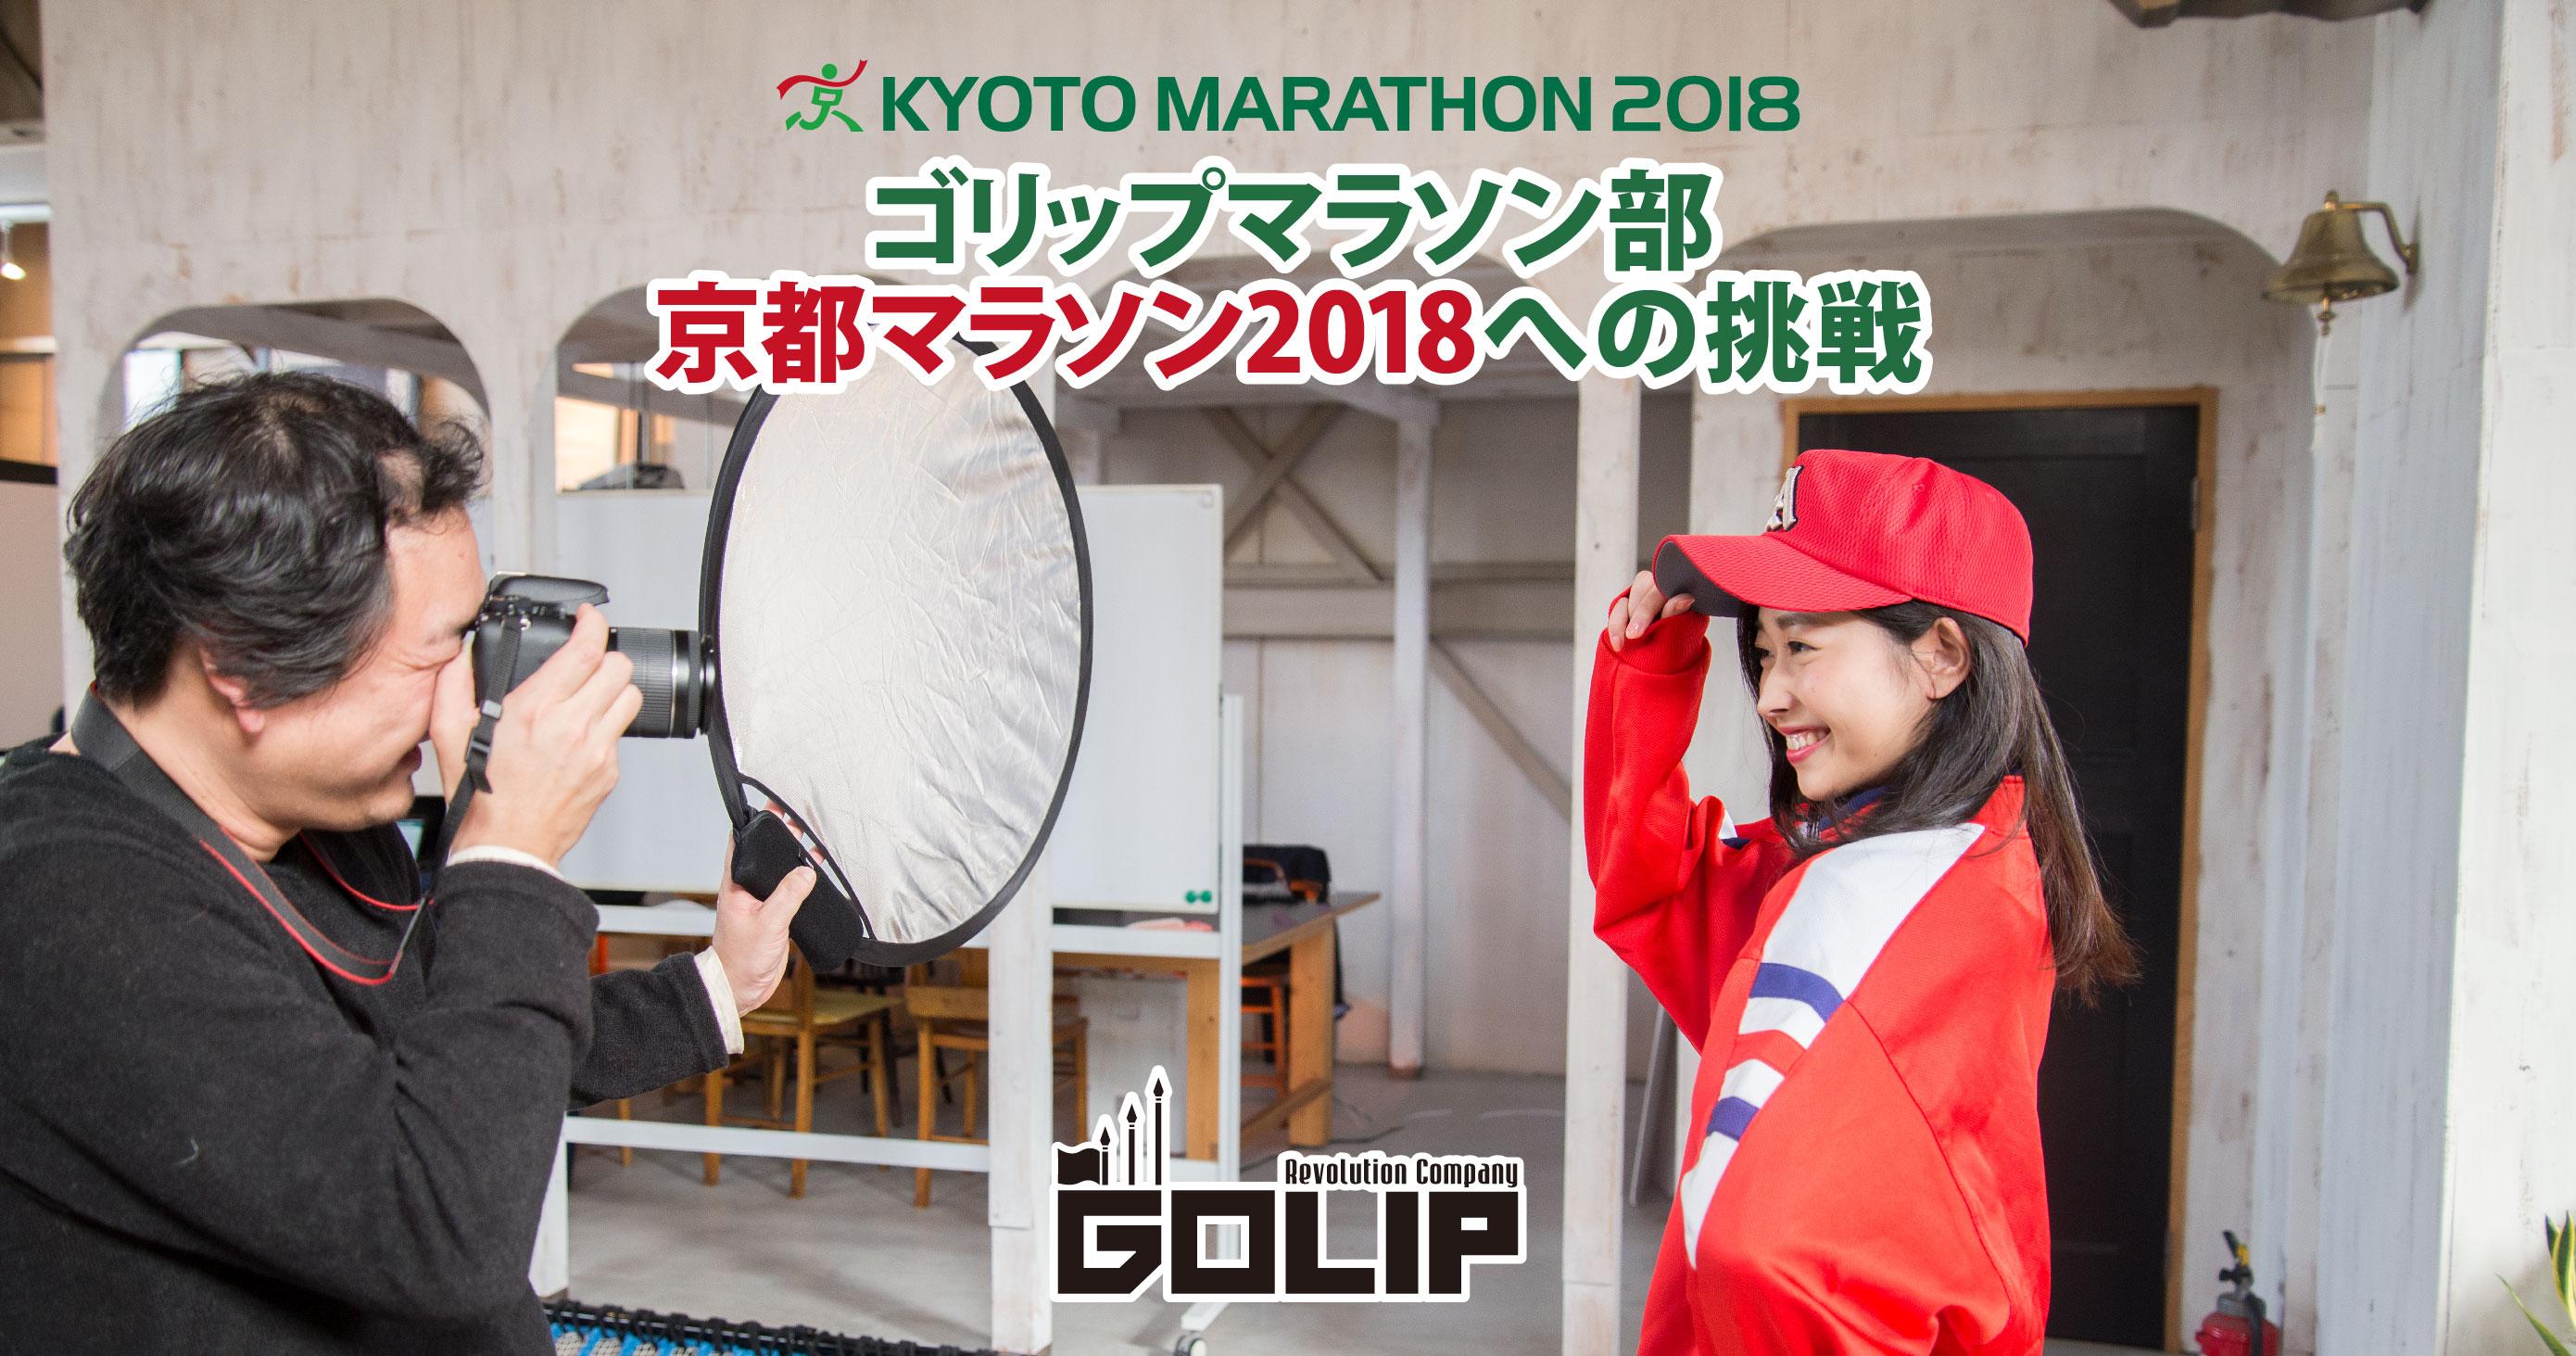 京都マラソンWEB連載キービジュアル11